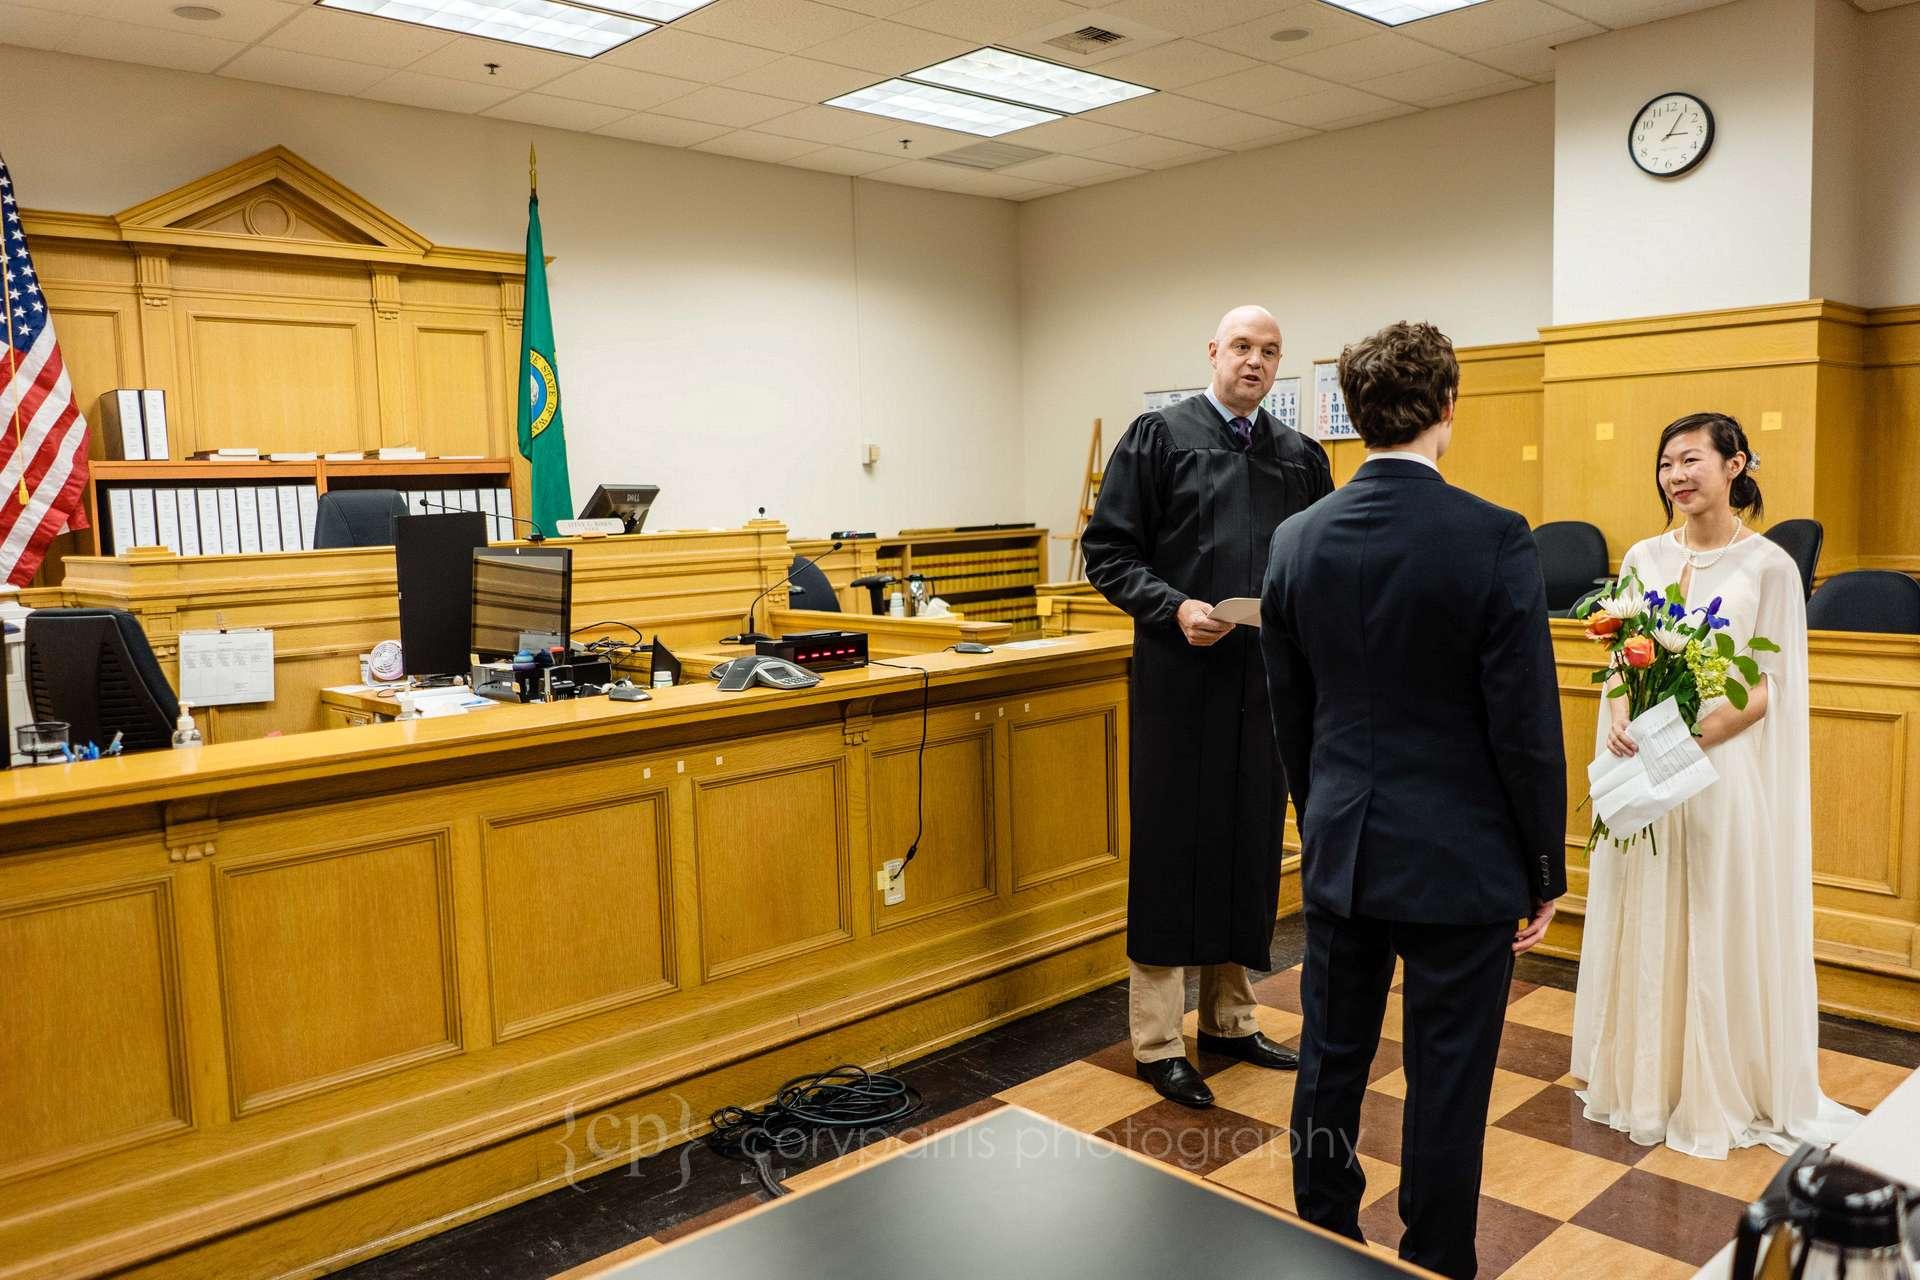 042-Seattle-elopement-photographer.jpg